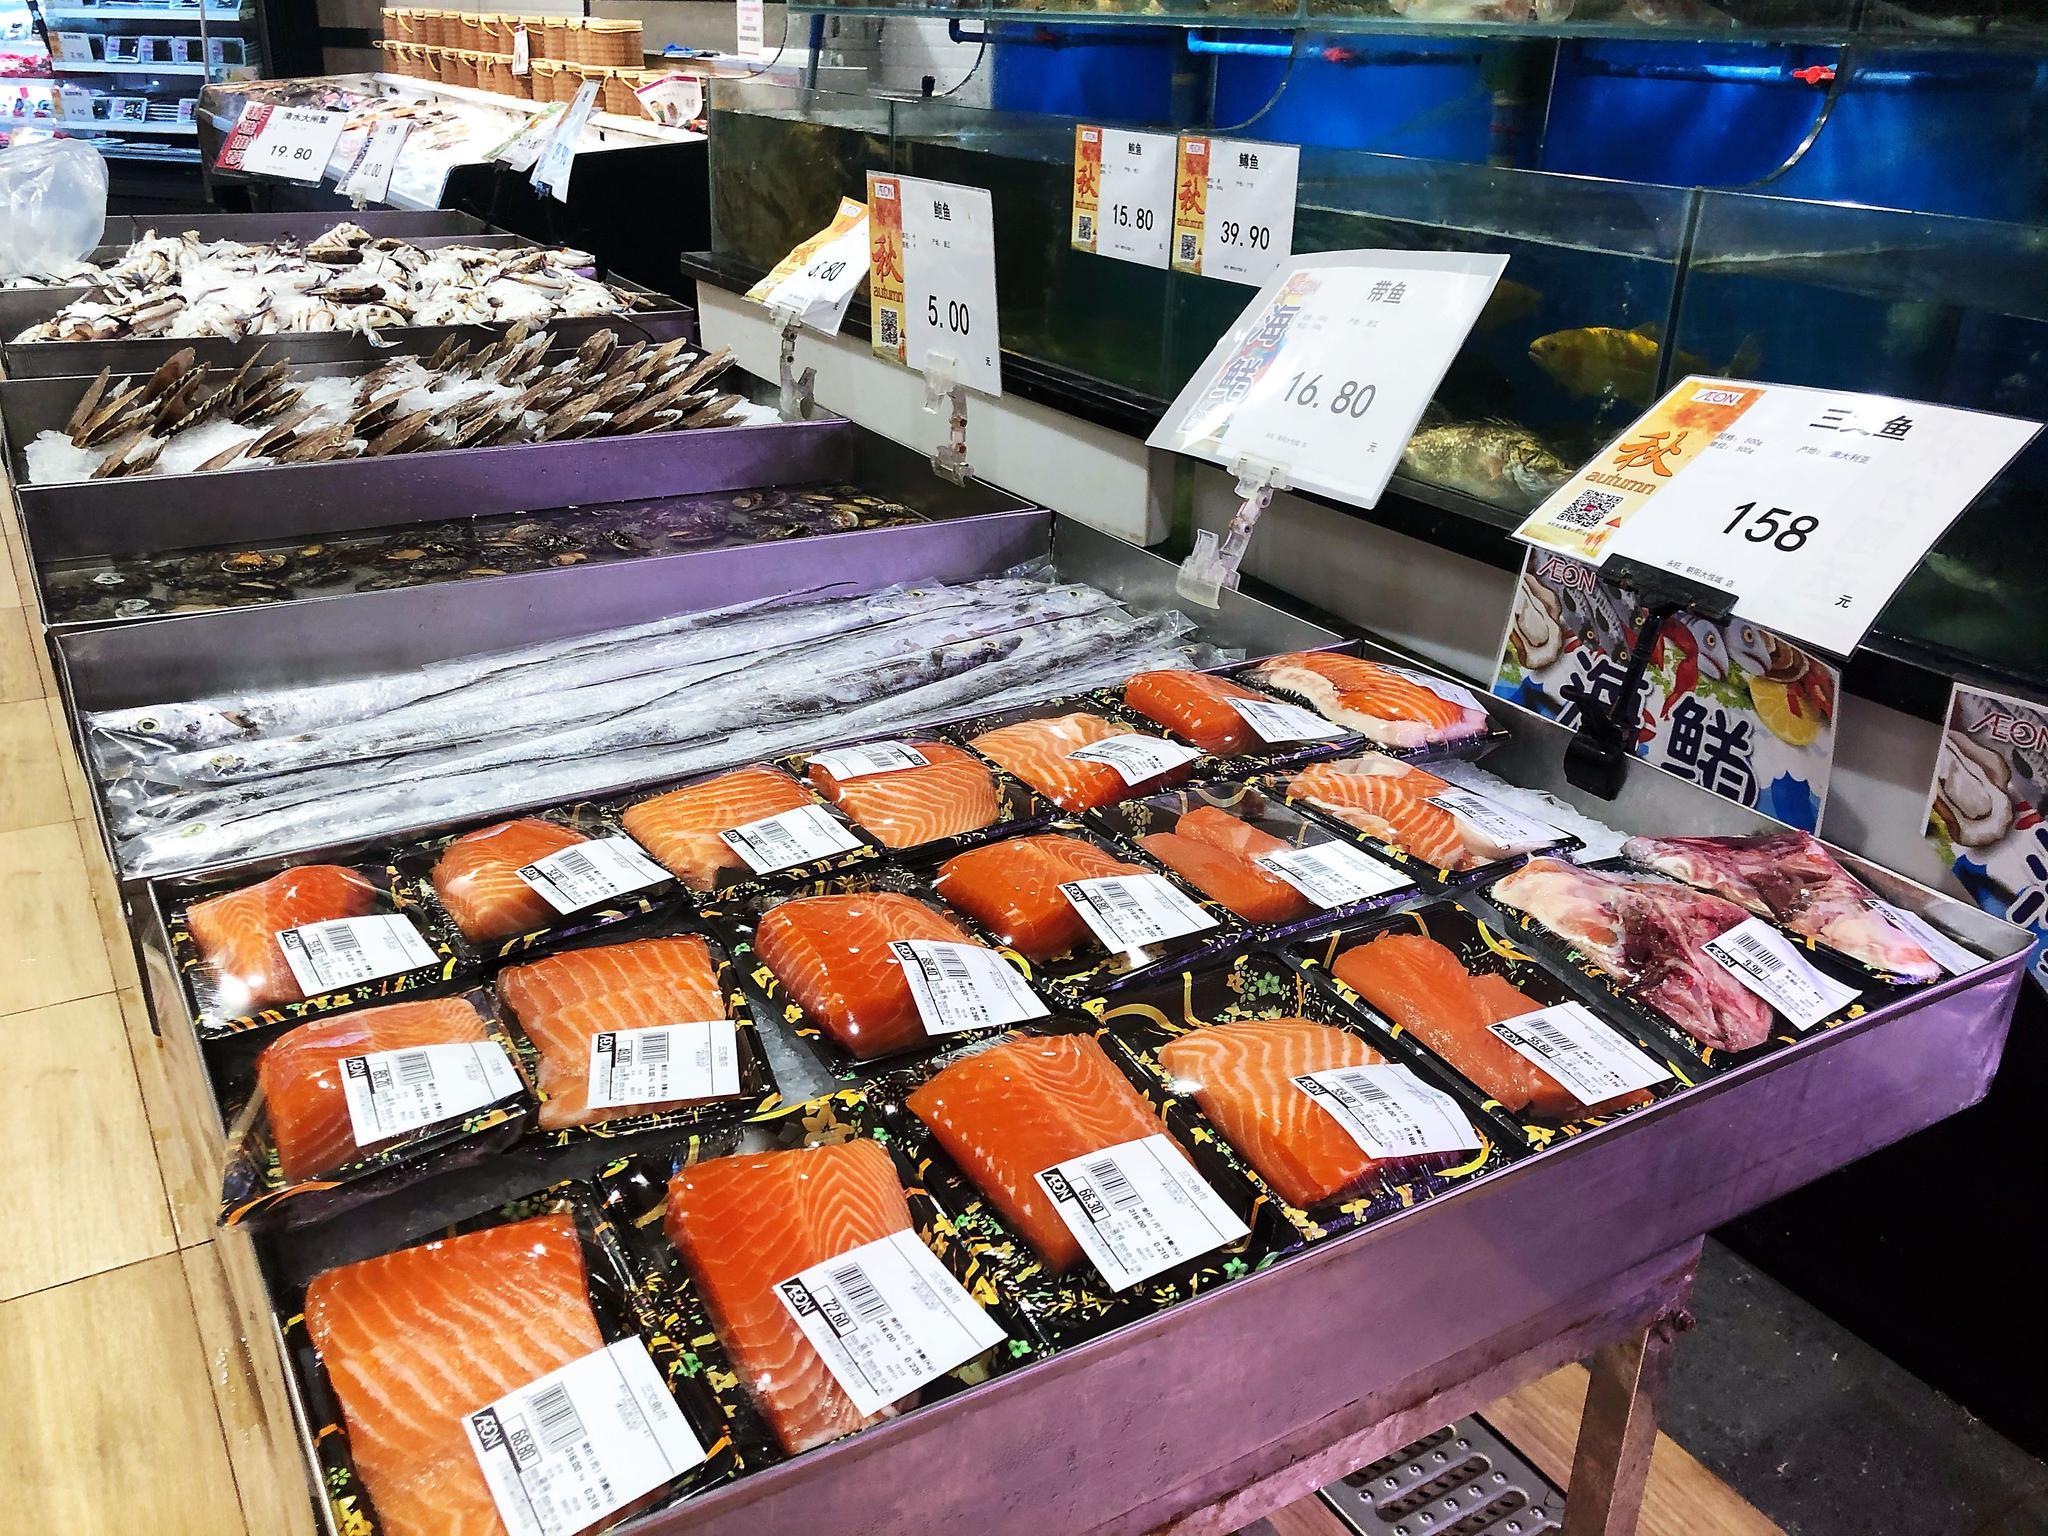 三文鱼重归超市销量下降种类减少,部分商家调价吸引顾客图片